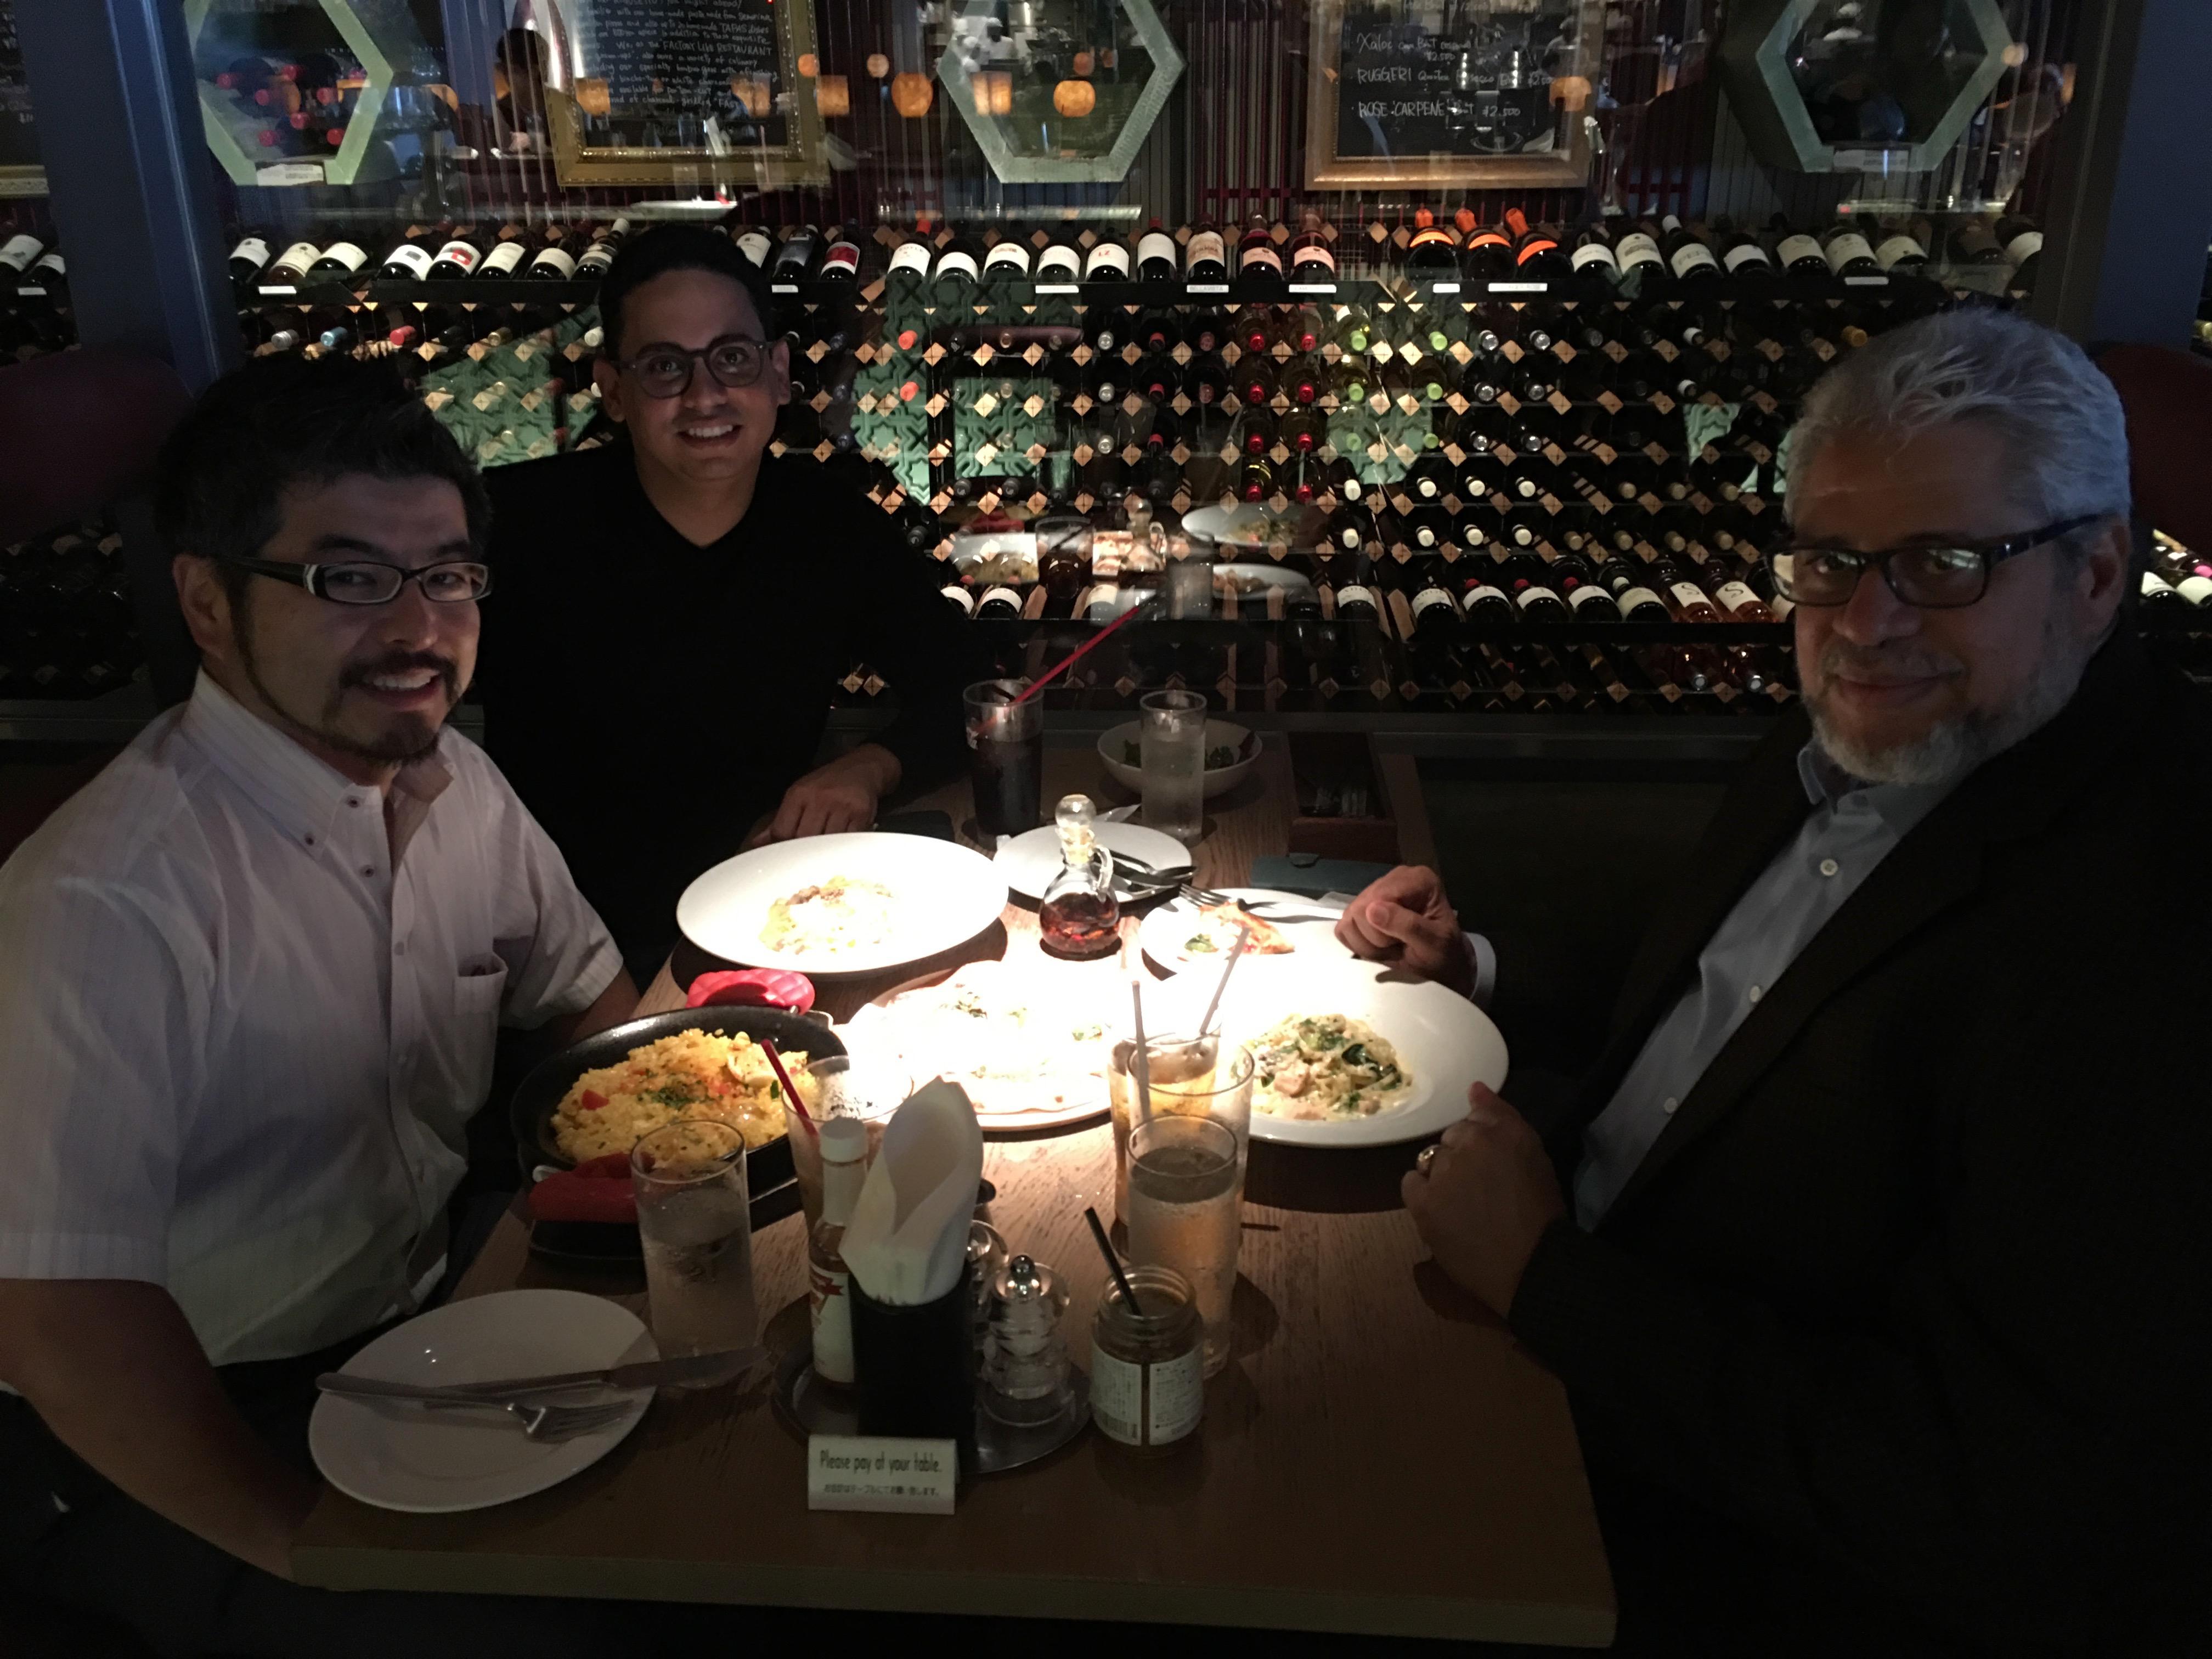 ドミンゲス大使、バラゲール公使参事官との昼食 (Sesión del almuerzo con Embajador Dominguez y Consejero Balaguer)